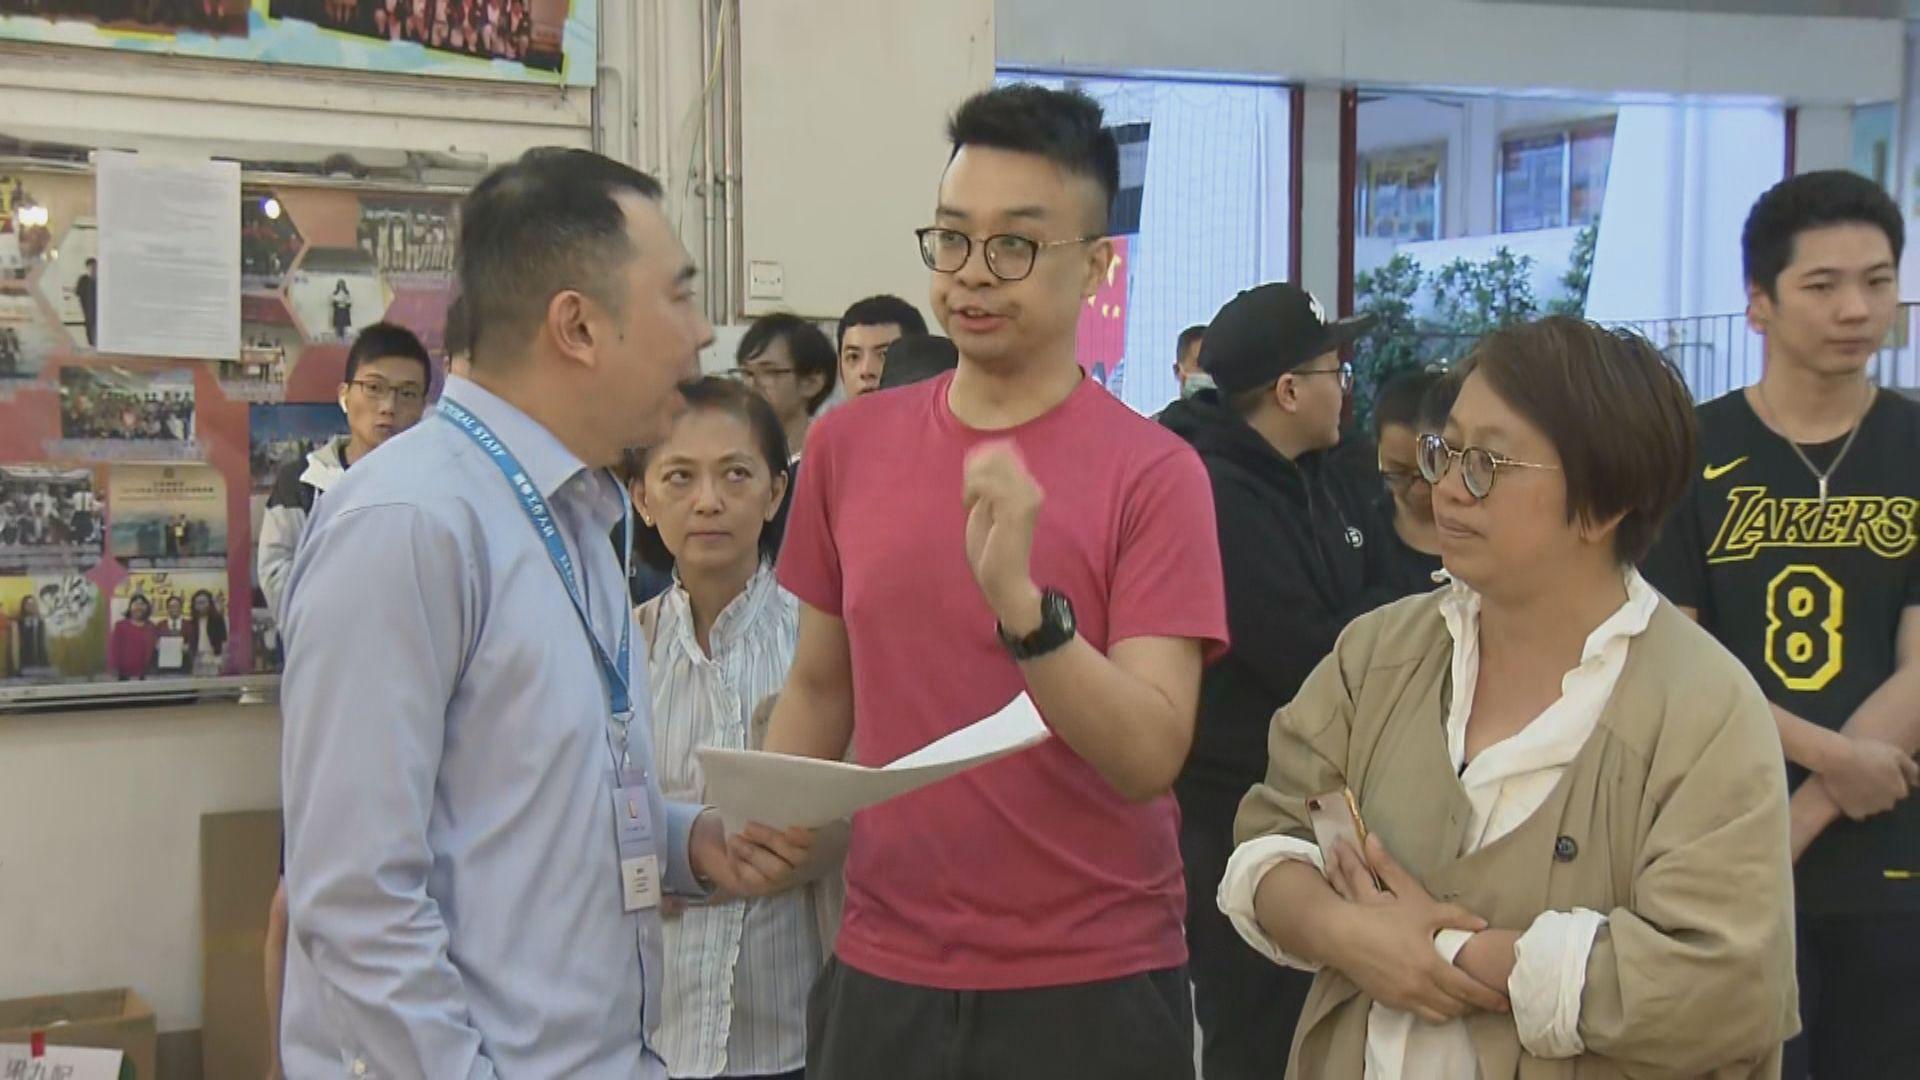 青衣盛康點票程序受質疑 市民要求重點